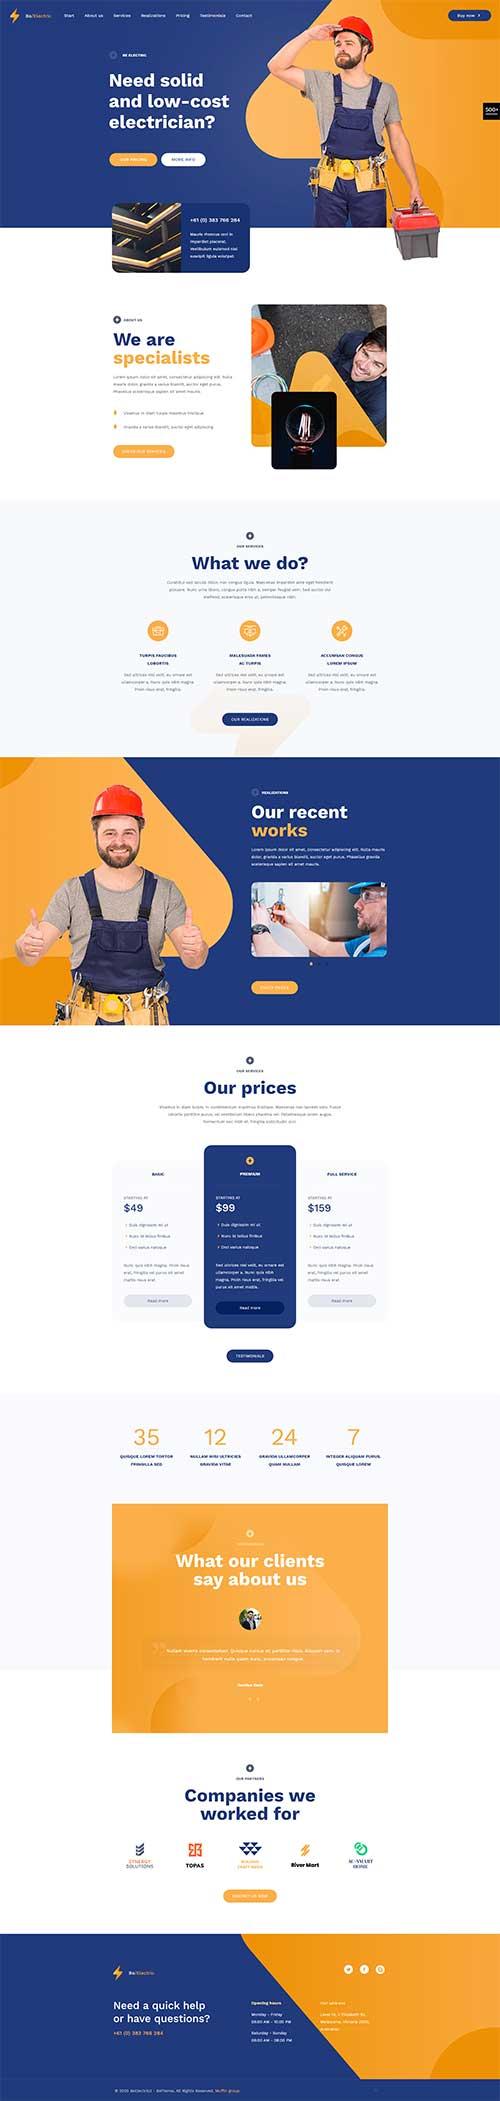 Website Đơn vị cung cấp dịch vụ sửa điện uy tín